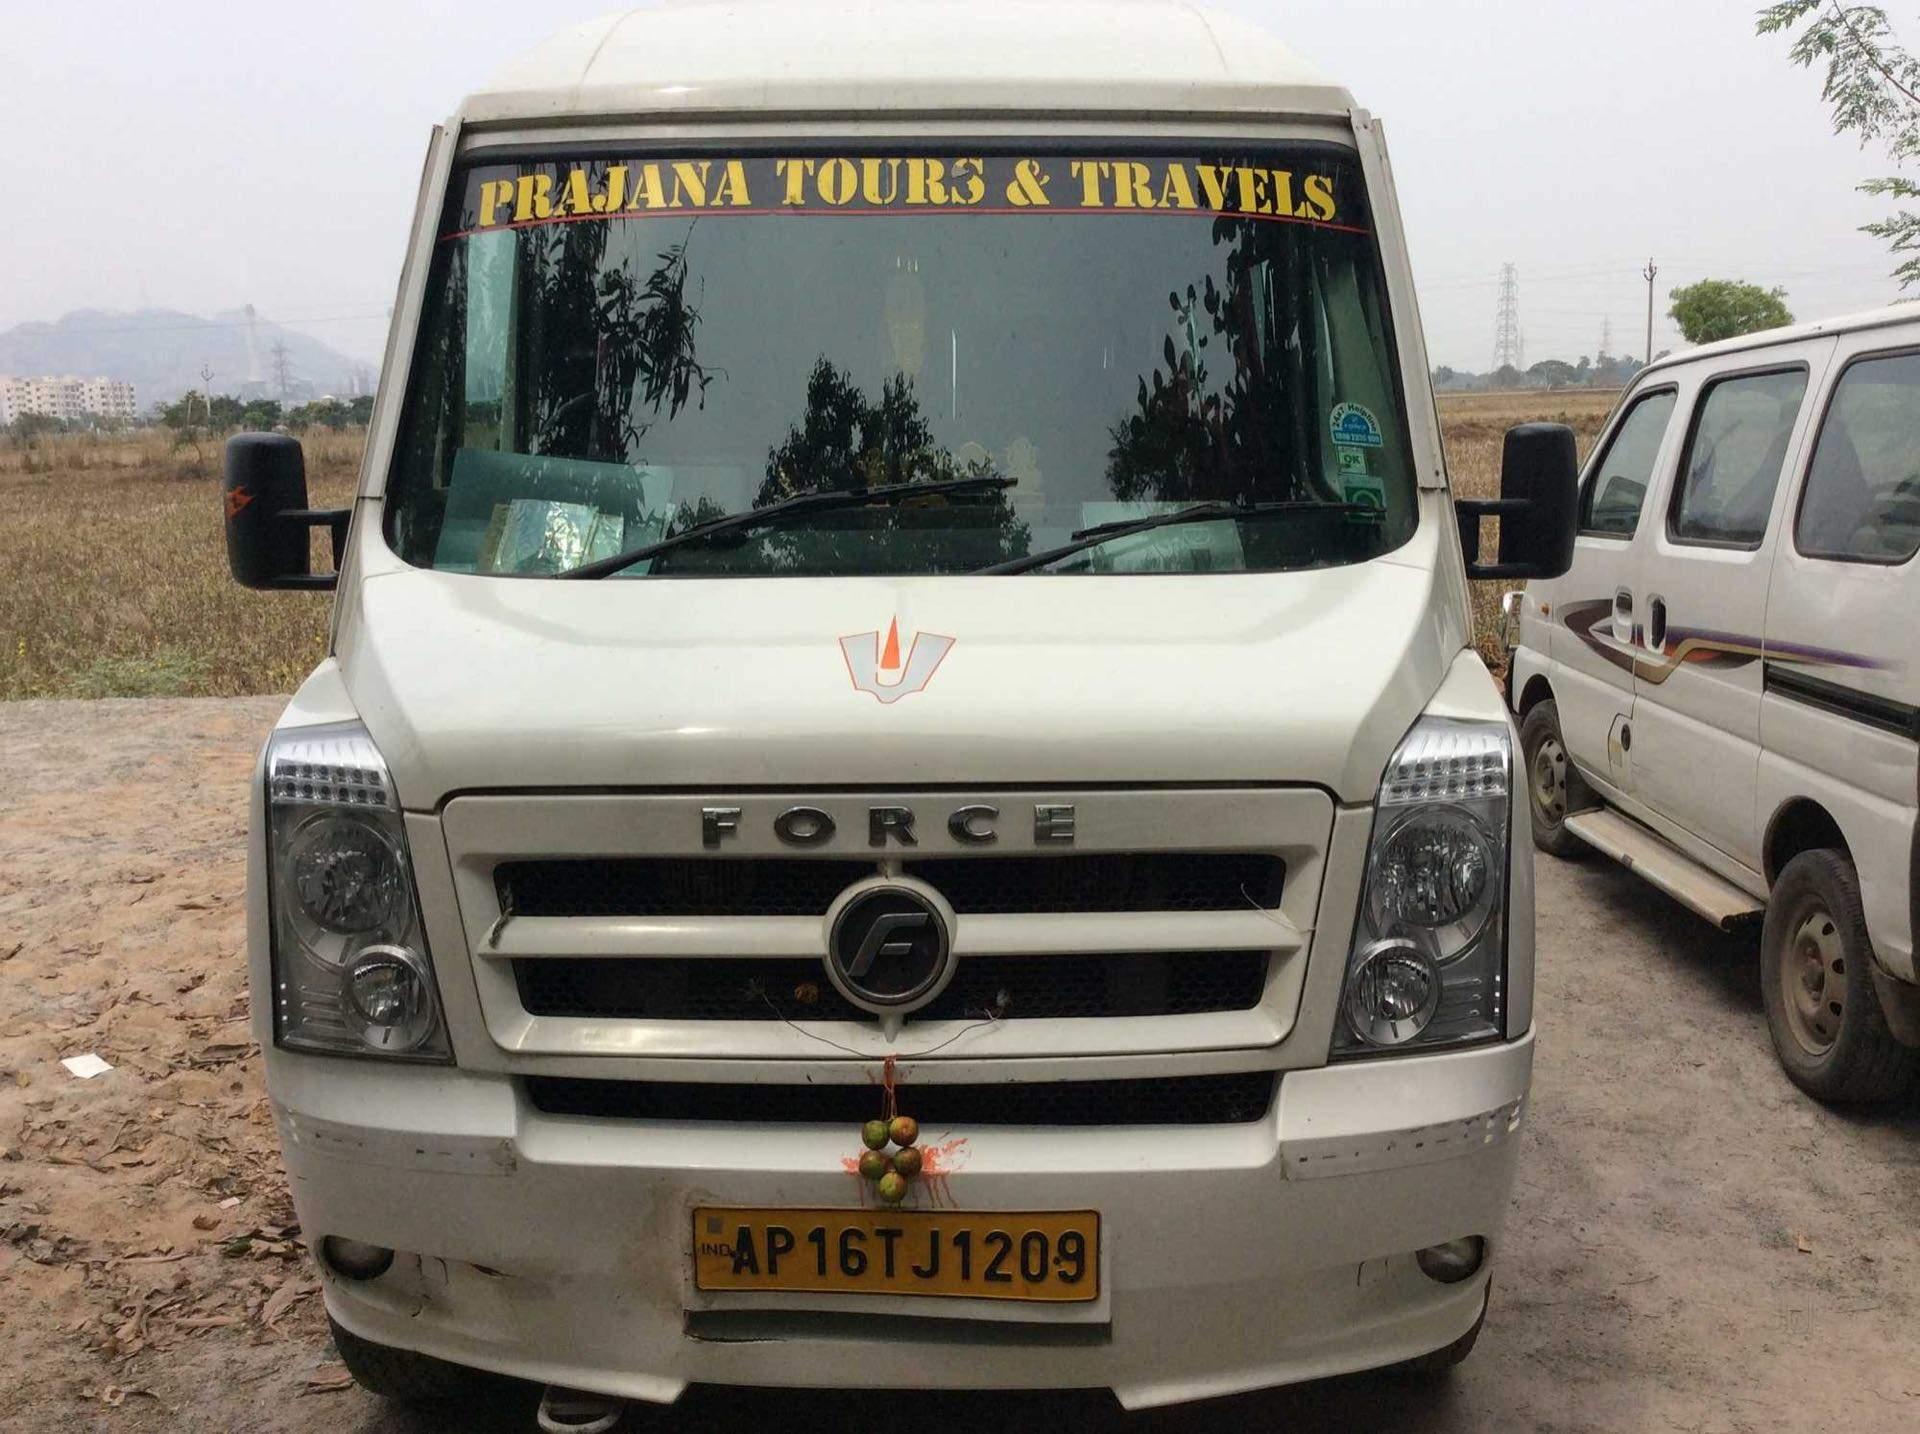 Top 50 Tempo Traveller On Rent Services in Vijayawada - Best Minibus